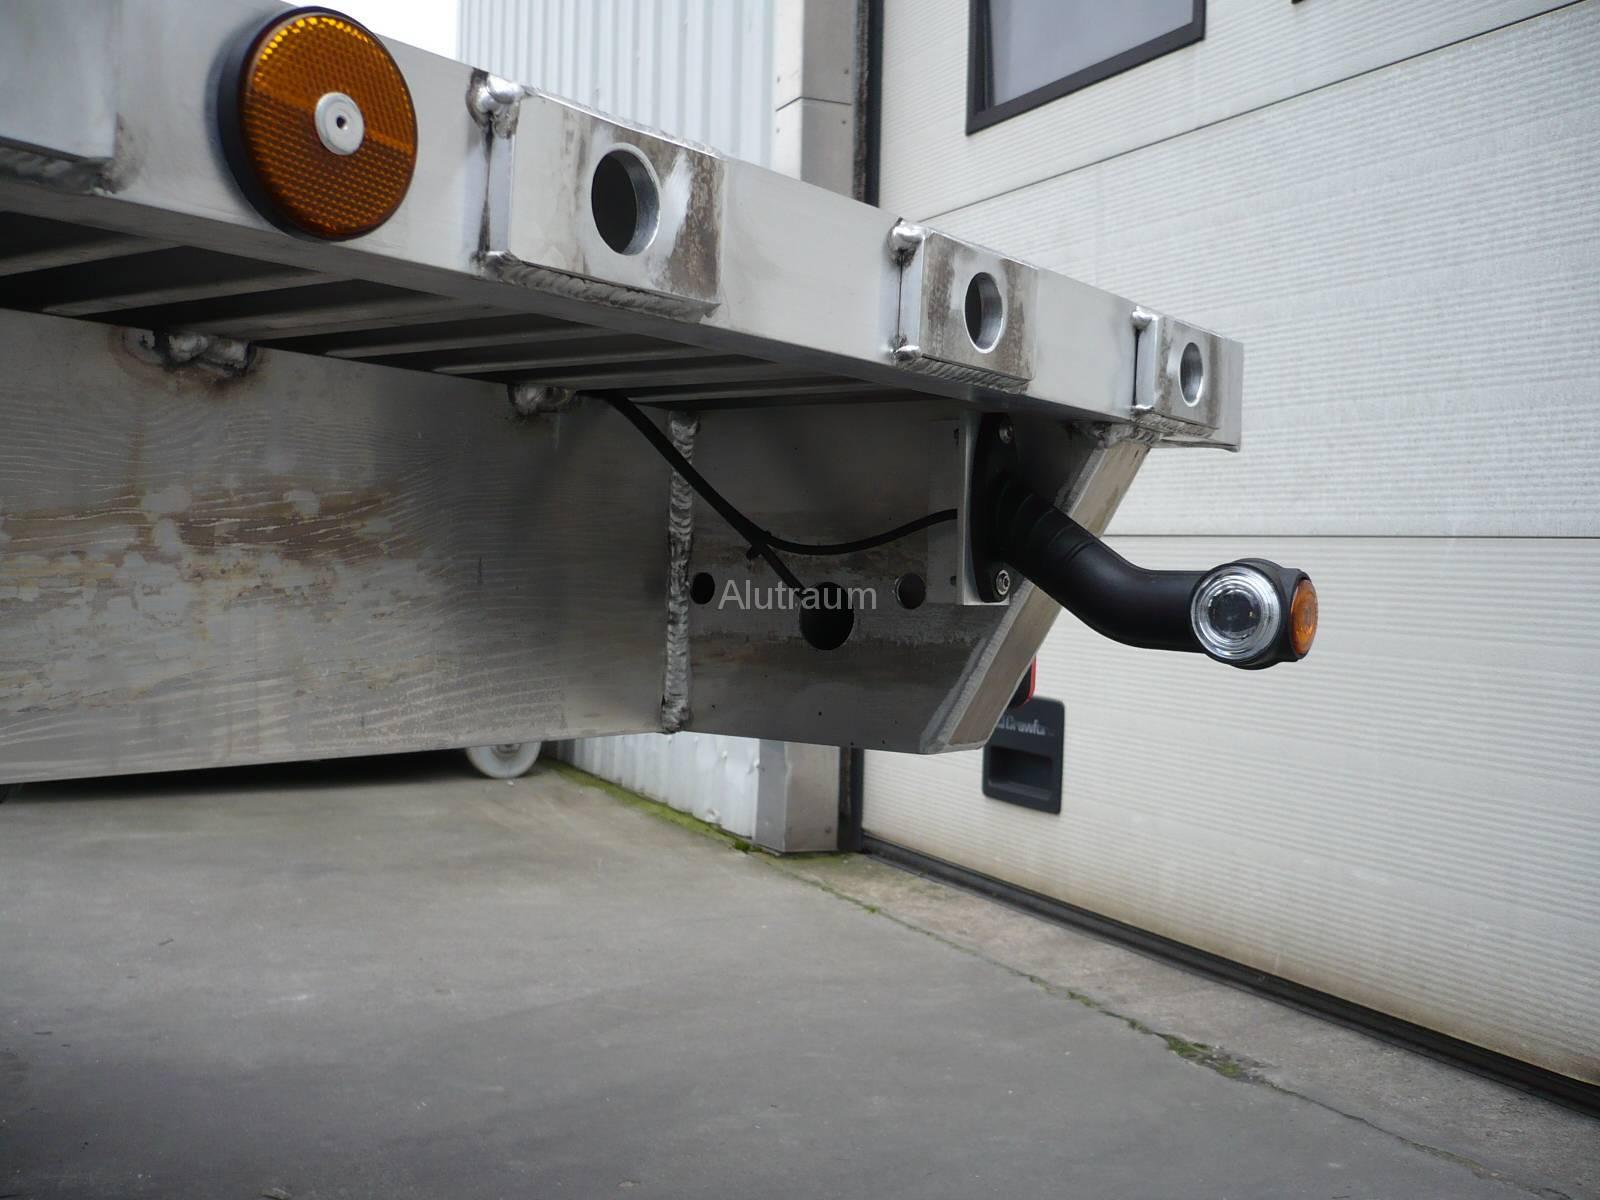 Alutraum-Plattform-35-16